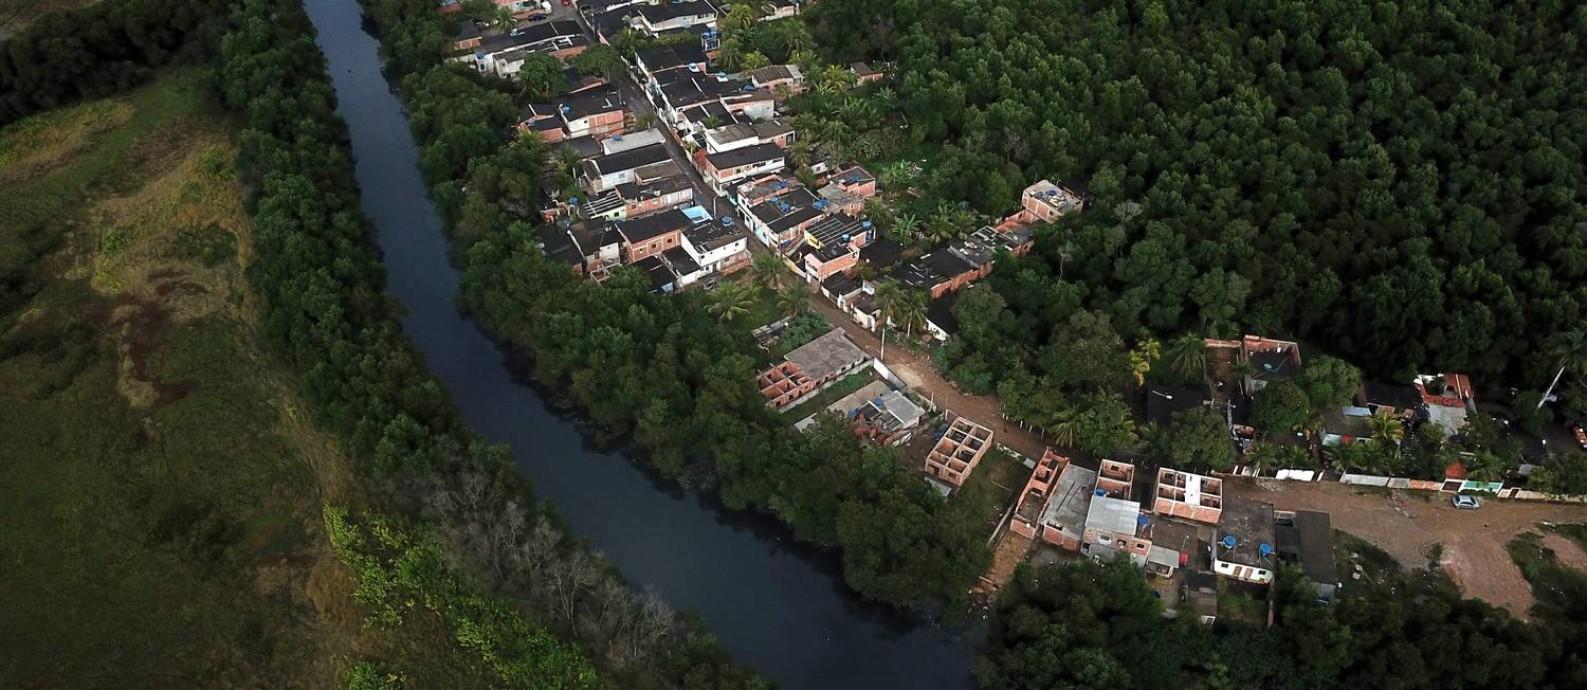 Novas construções avançam em área de manguezal próximo ao Rio Piraquê, em Guaratiba, Zona Oeste do Rio Foto: Custódio Coimbra / Agência O Globo